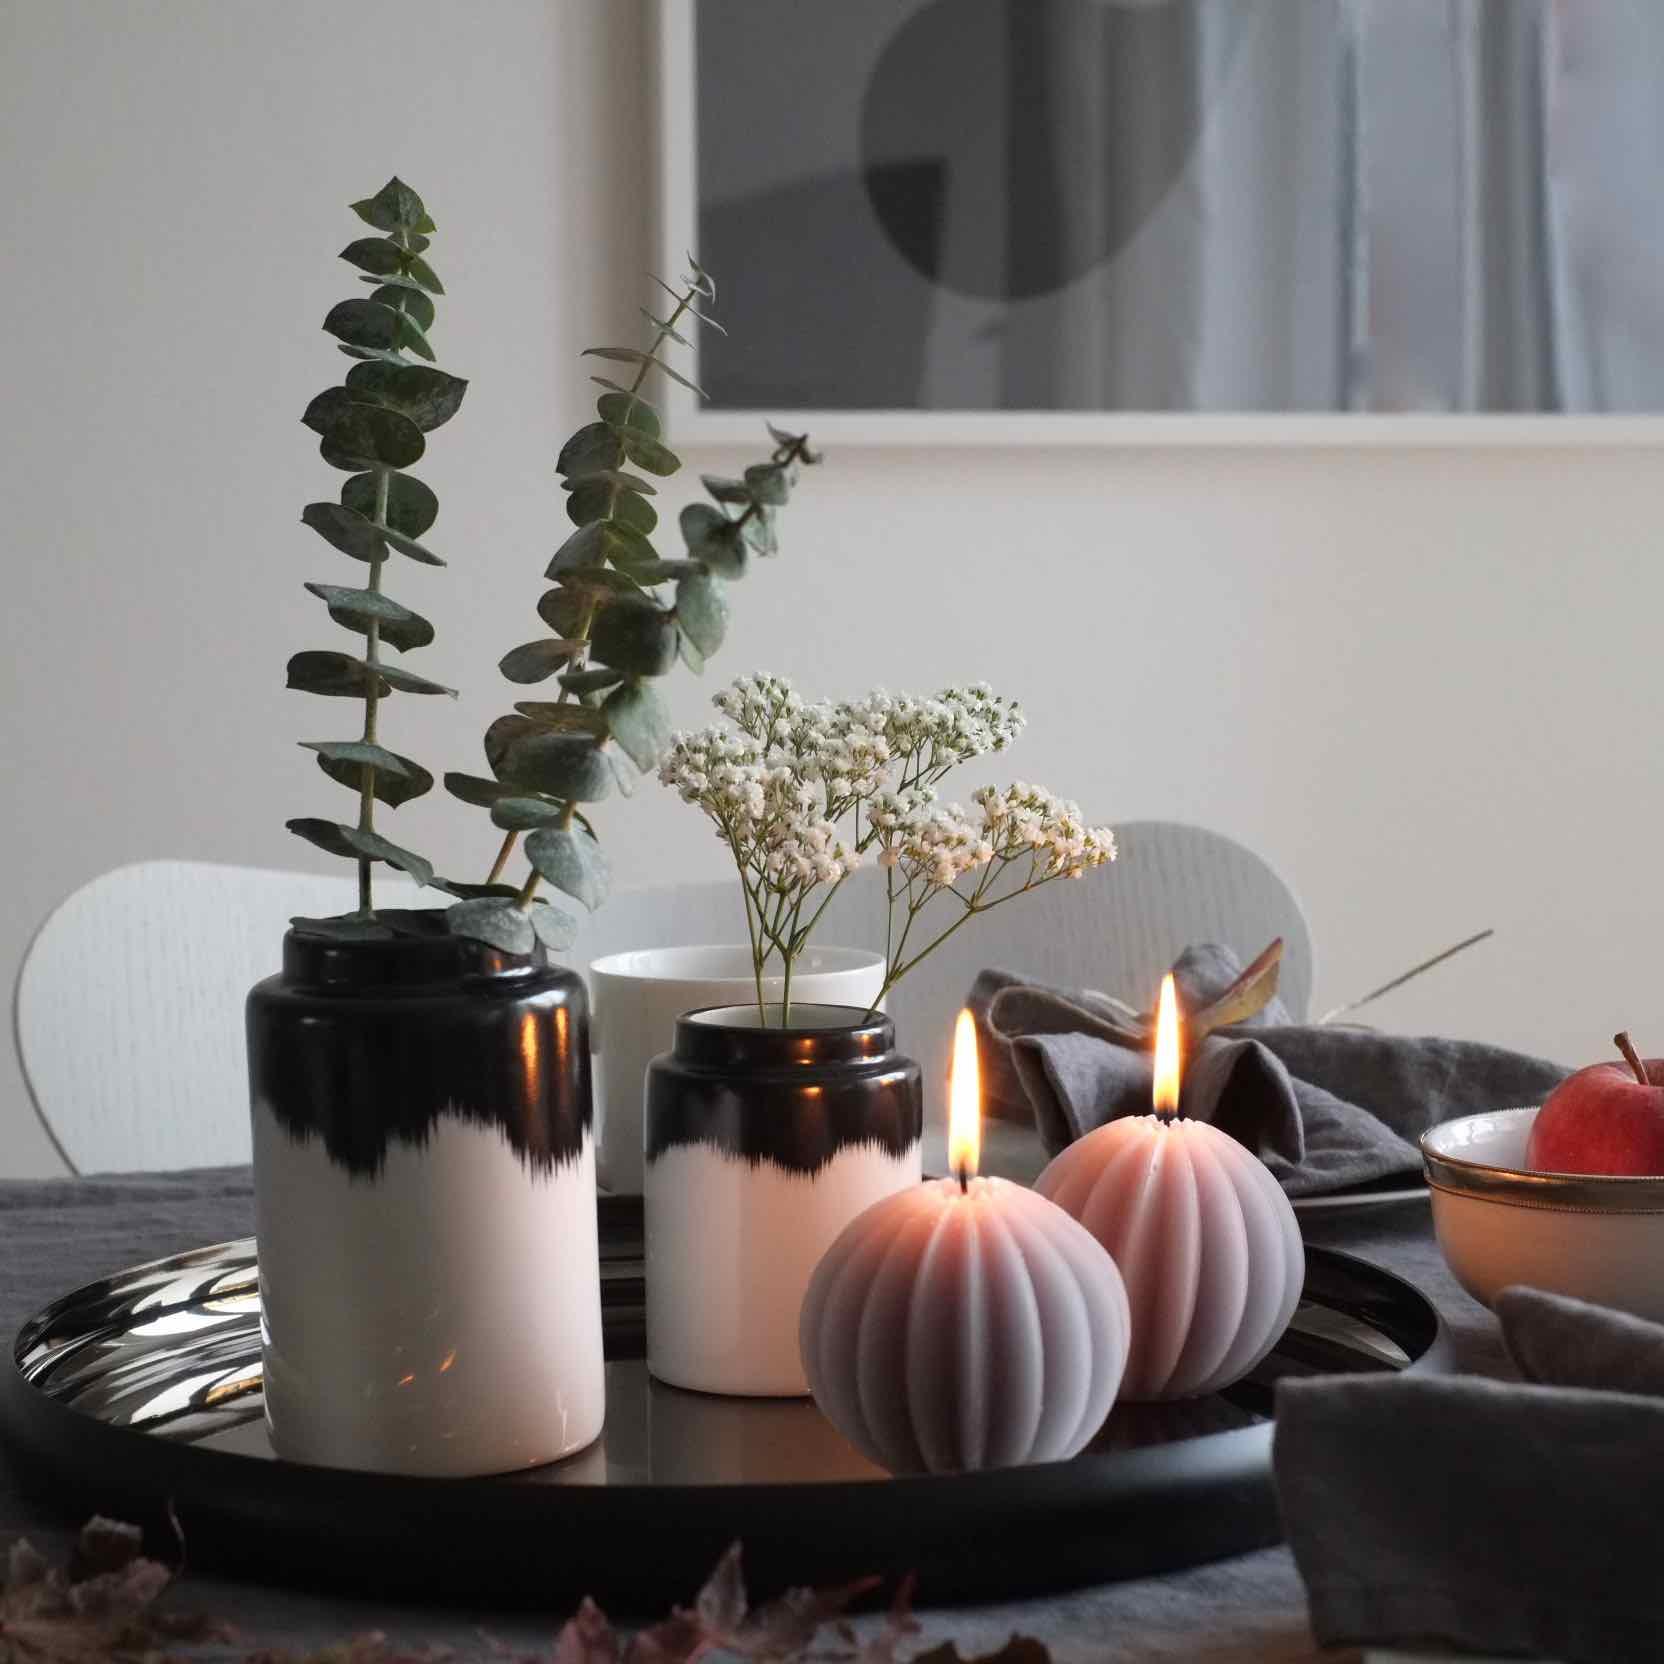 skandinavische-esstisch-deko-herbst-kerzen